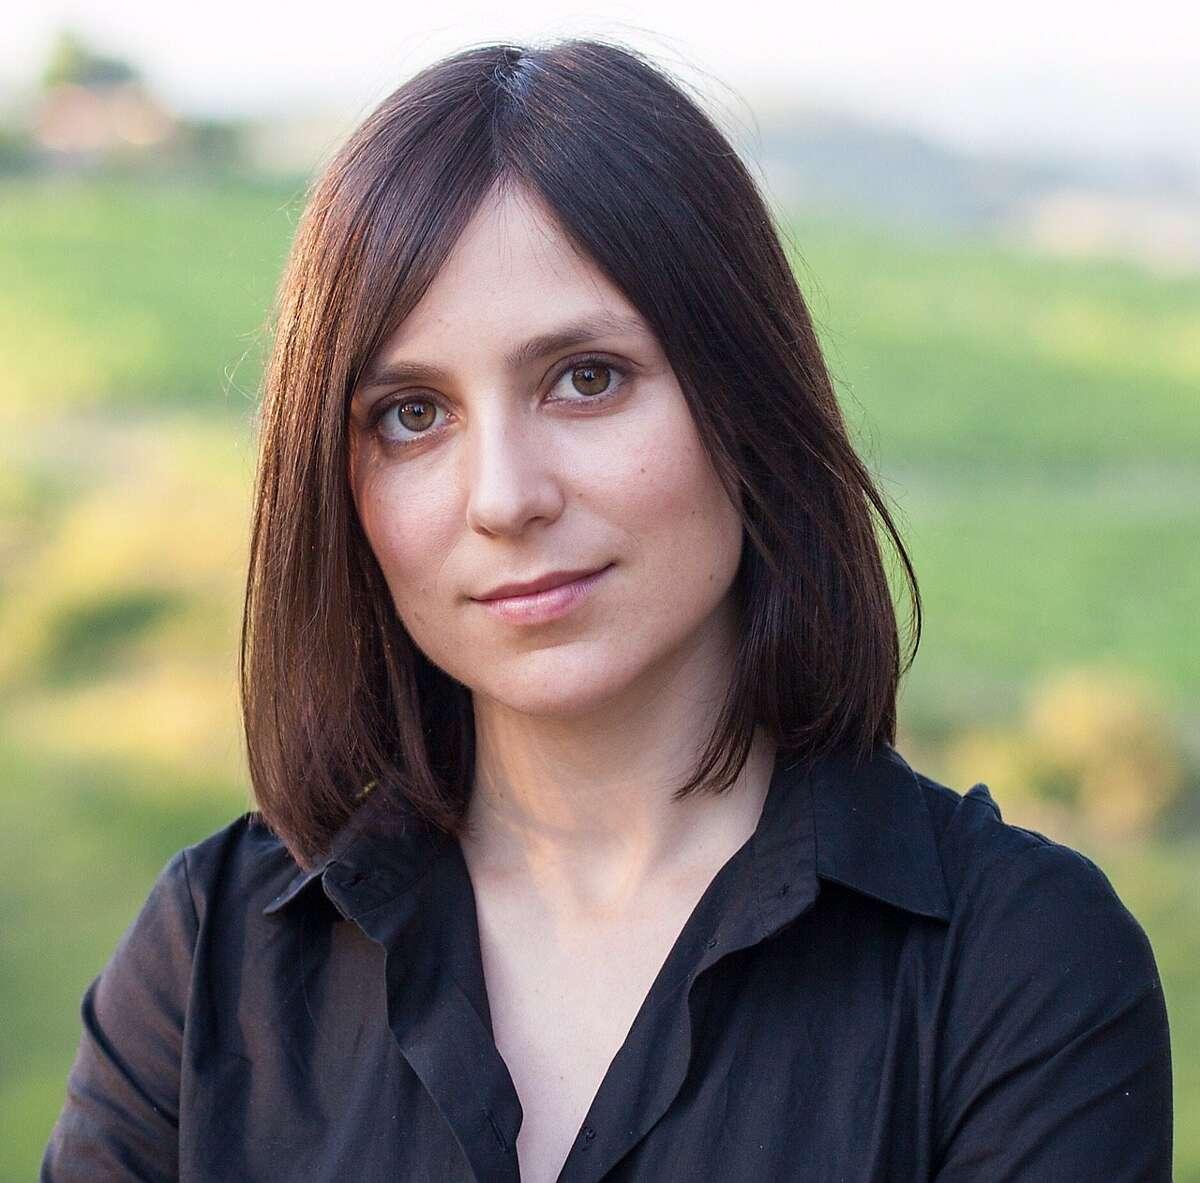 Bianca Bosker